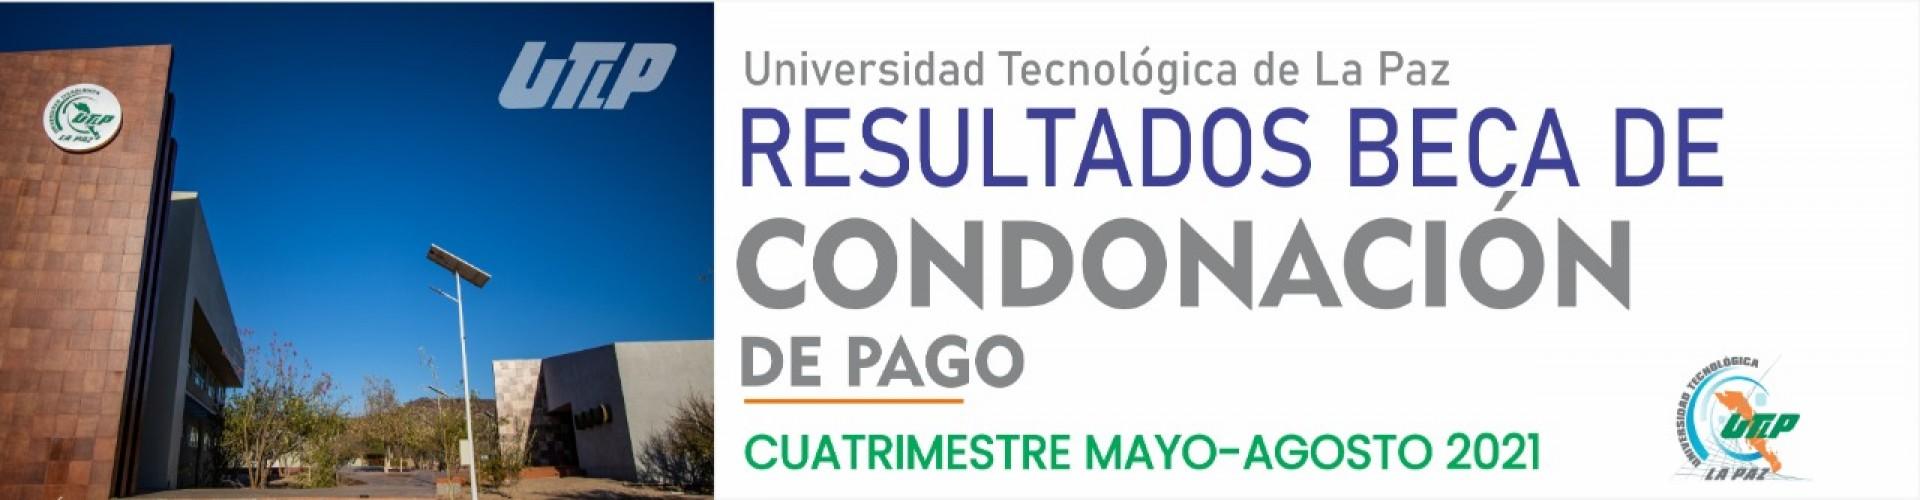 Resultados de Beca de Condonación de pago para el periodo Mayo - Agosto 2021